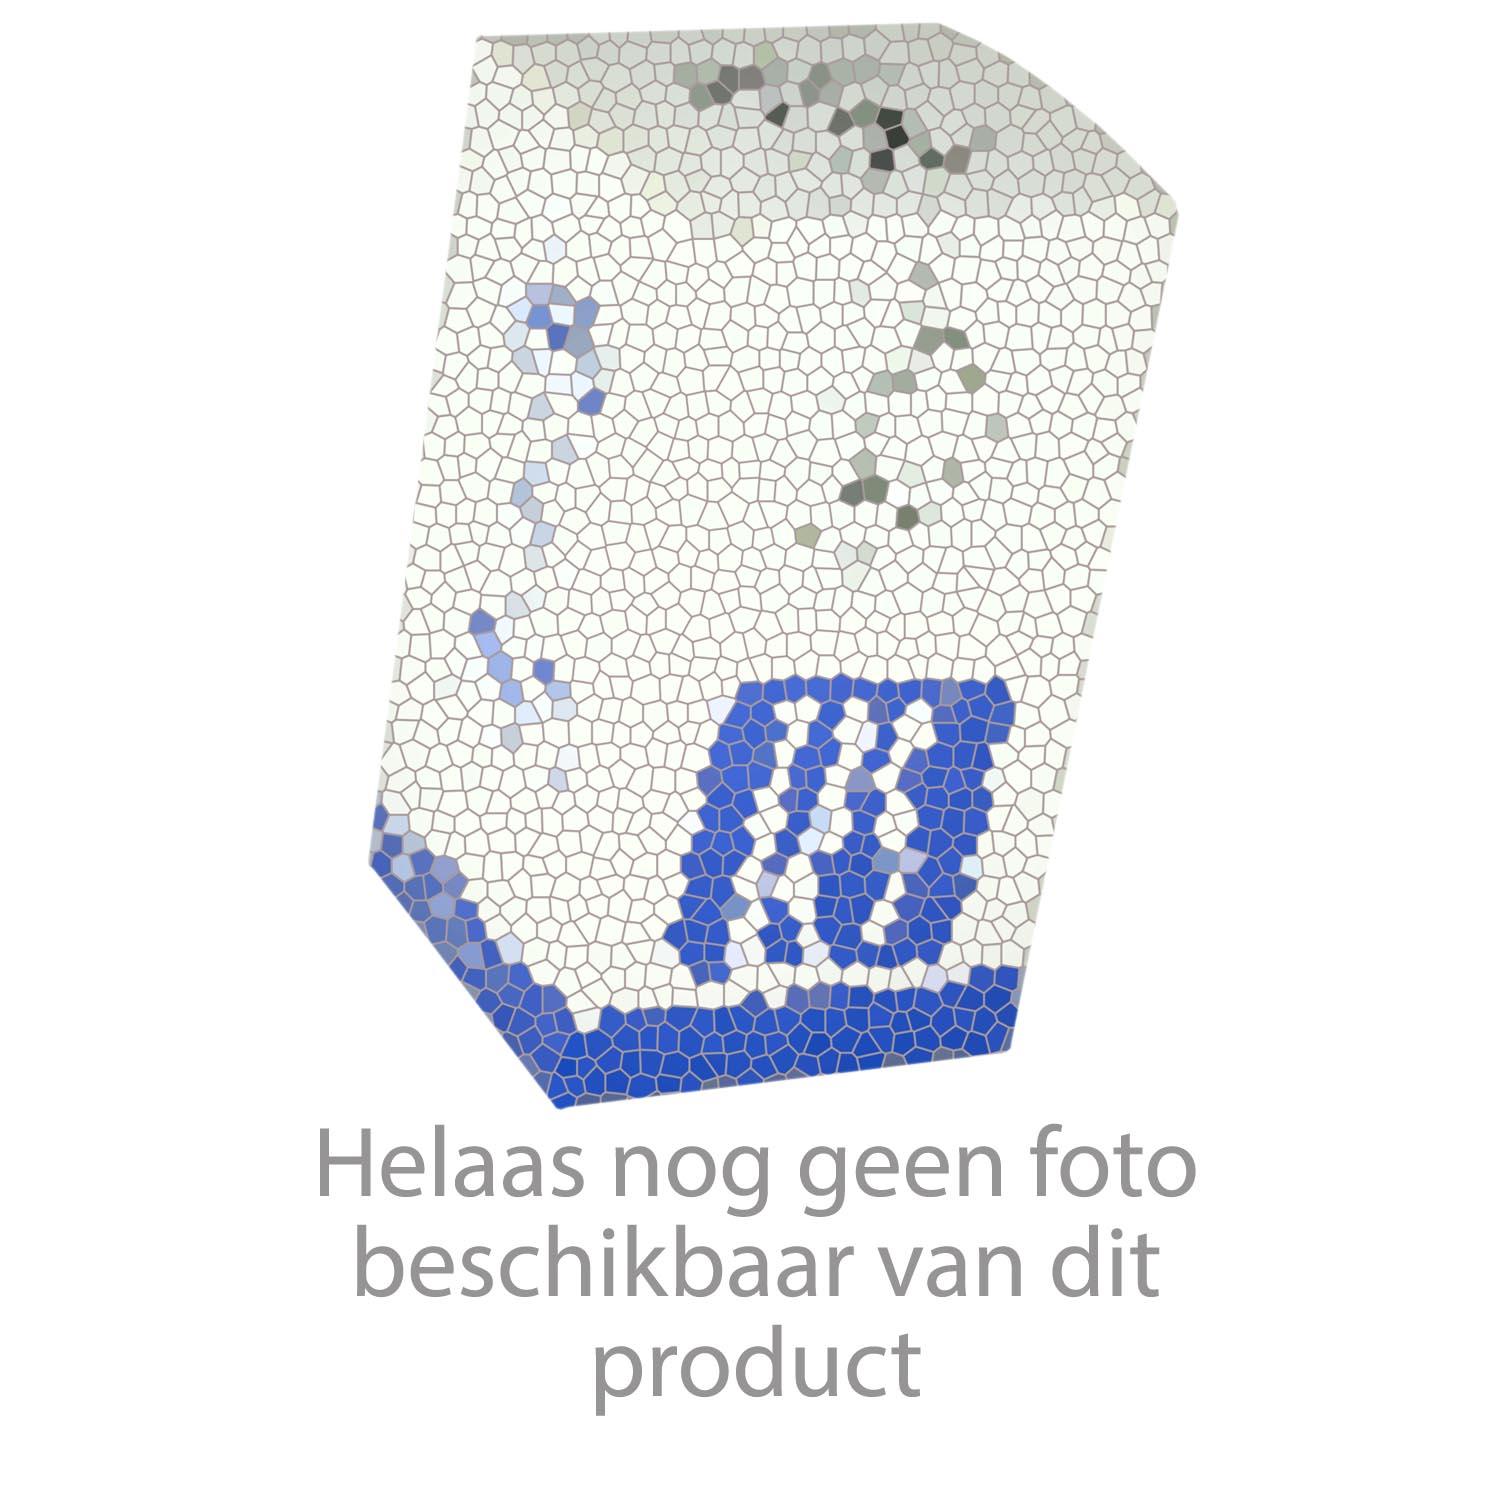 Doeco Jolly Bladzeeppomp met 60 mm uitloop, inhoud: 500 ml. Montagegat:  26 mm. Maximale bladdikte: 50 mm Chroom